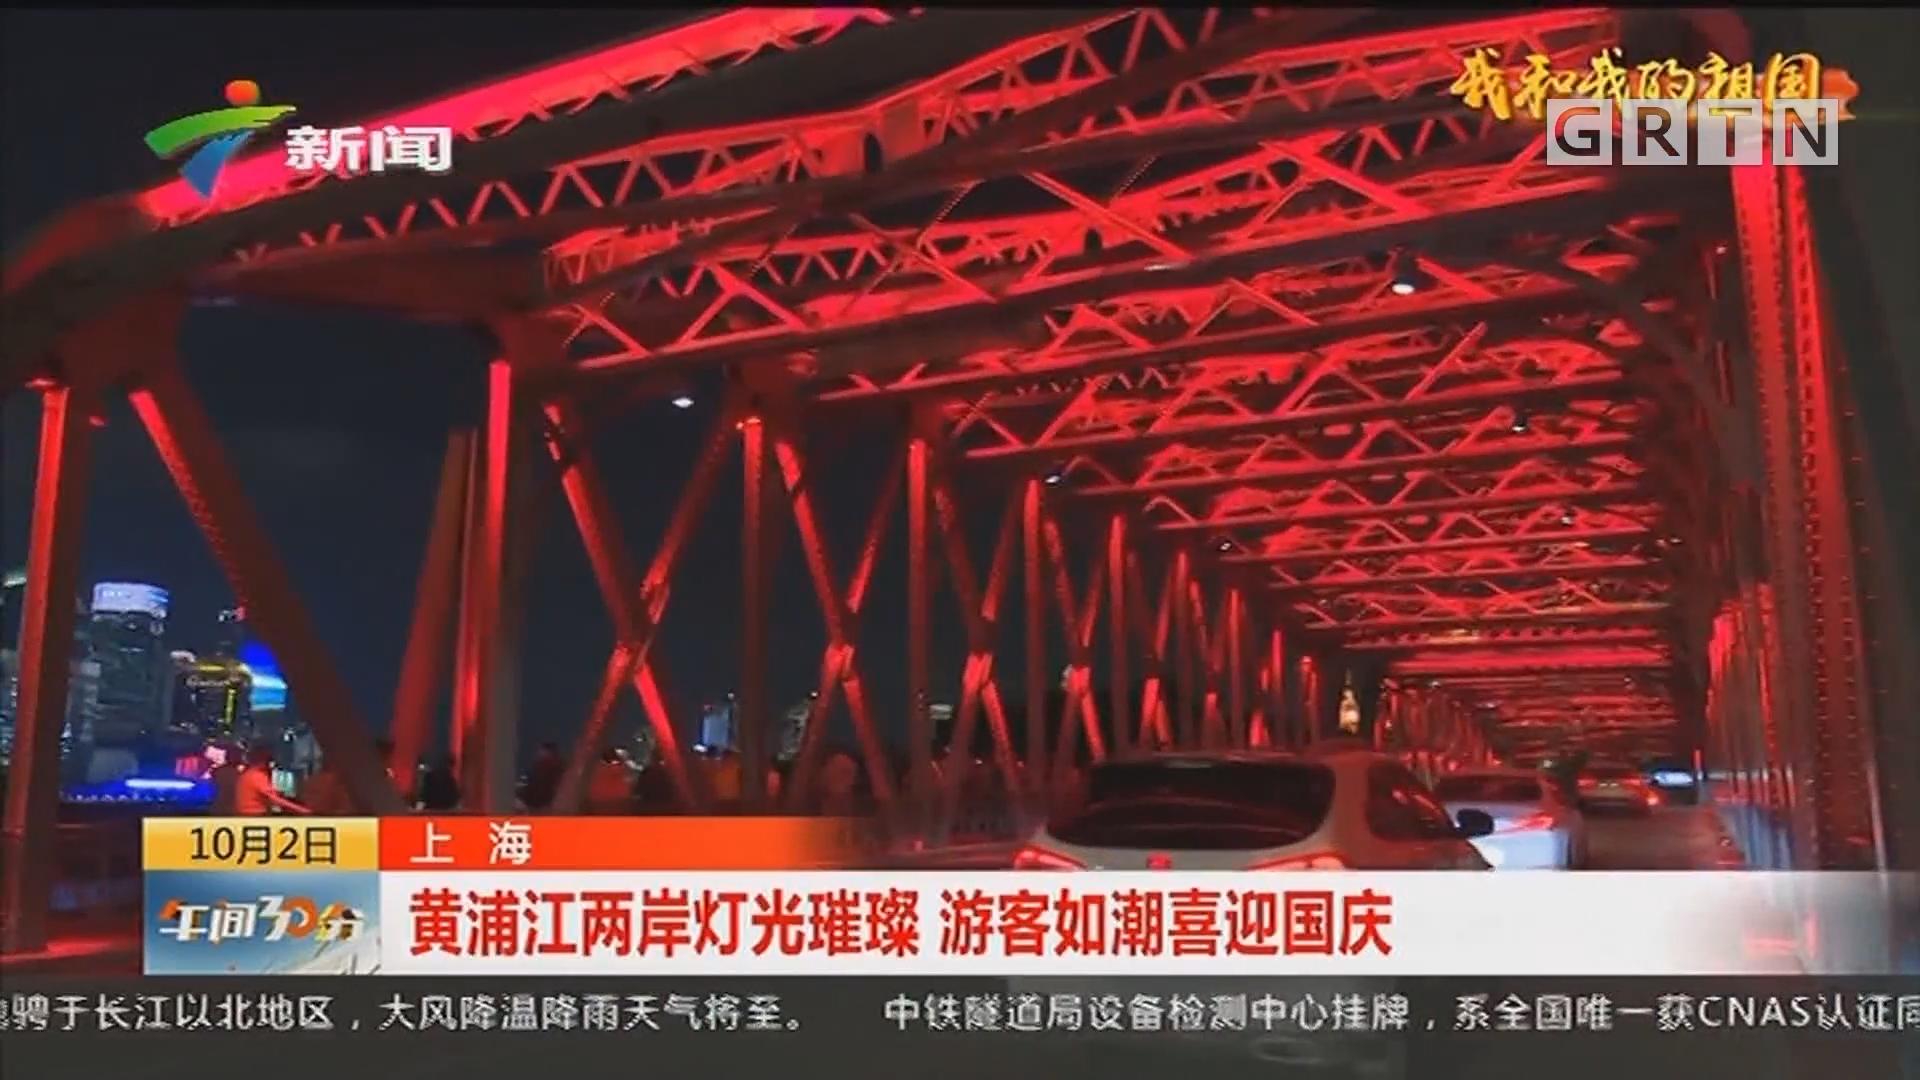 上海:黄浦江两岸灯光璀璨 游客如潮喜迎国庆